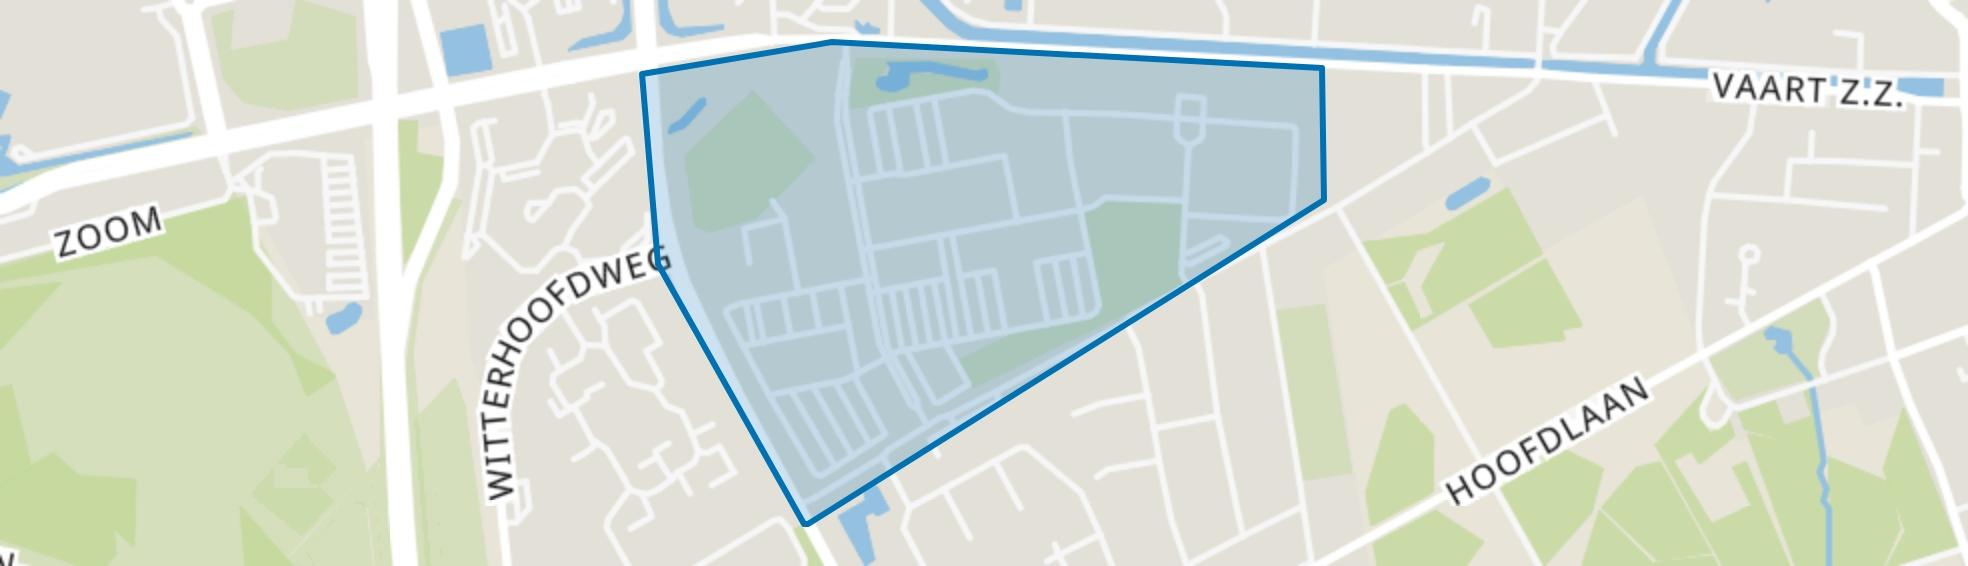 Kazerneterrein, Assen map